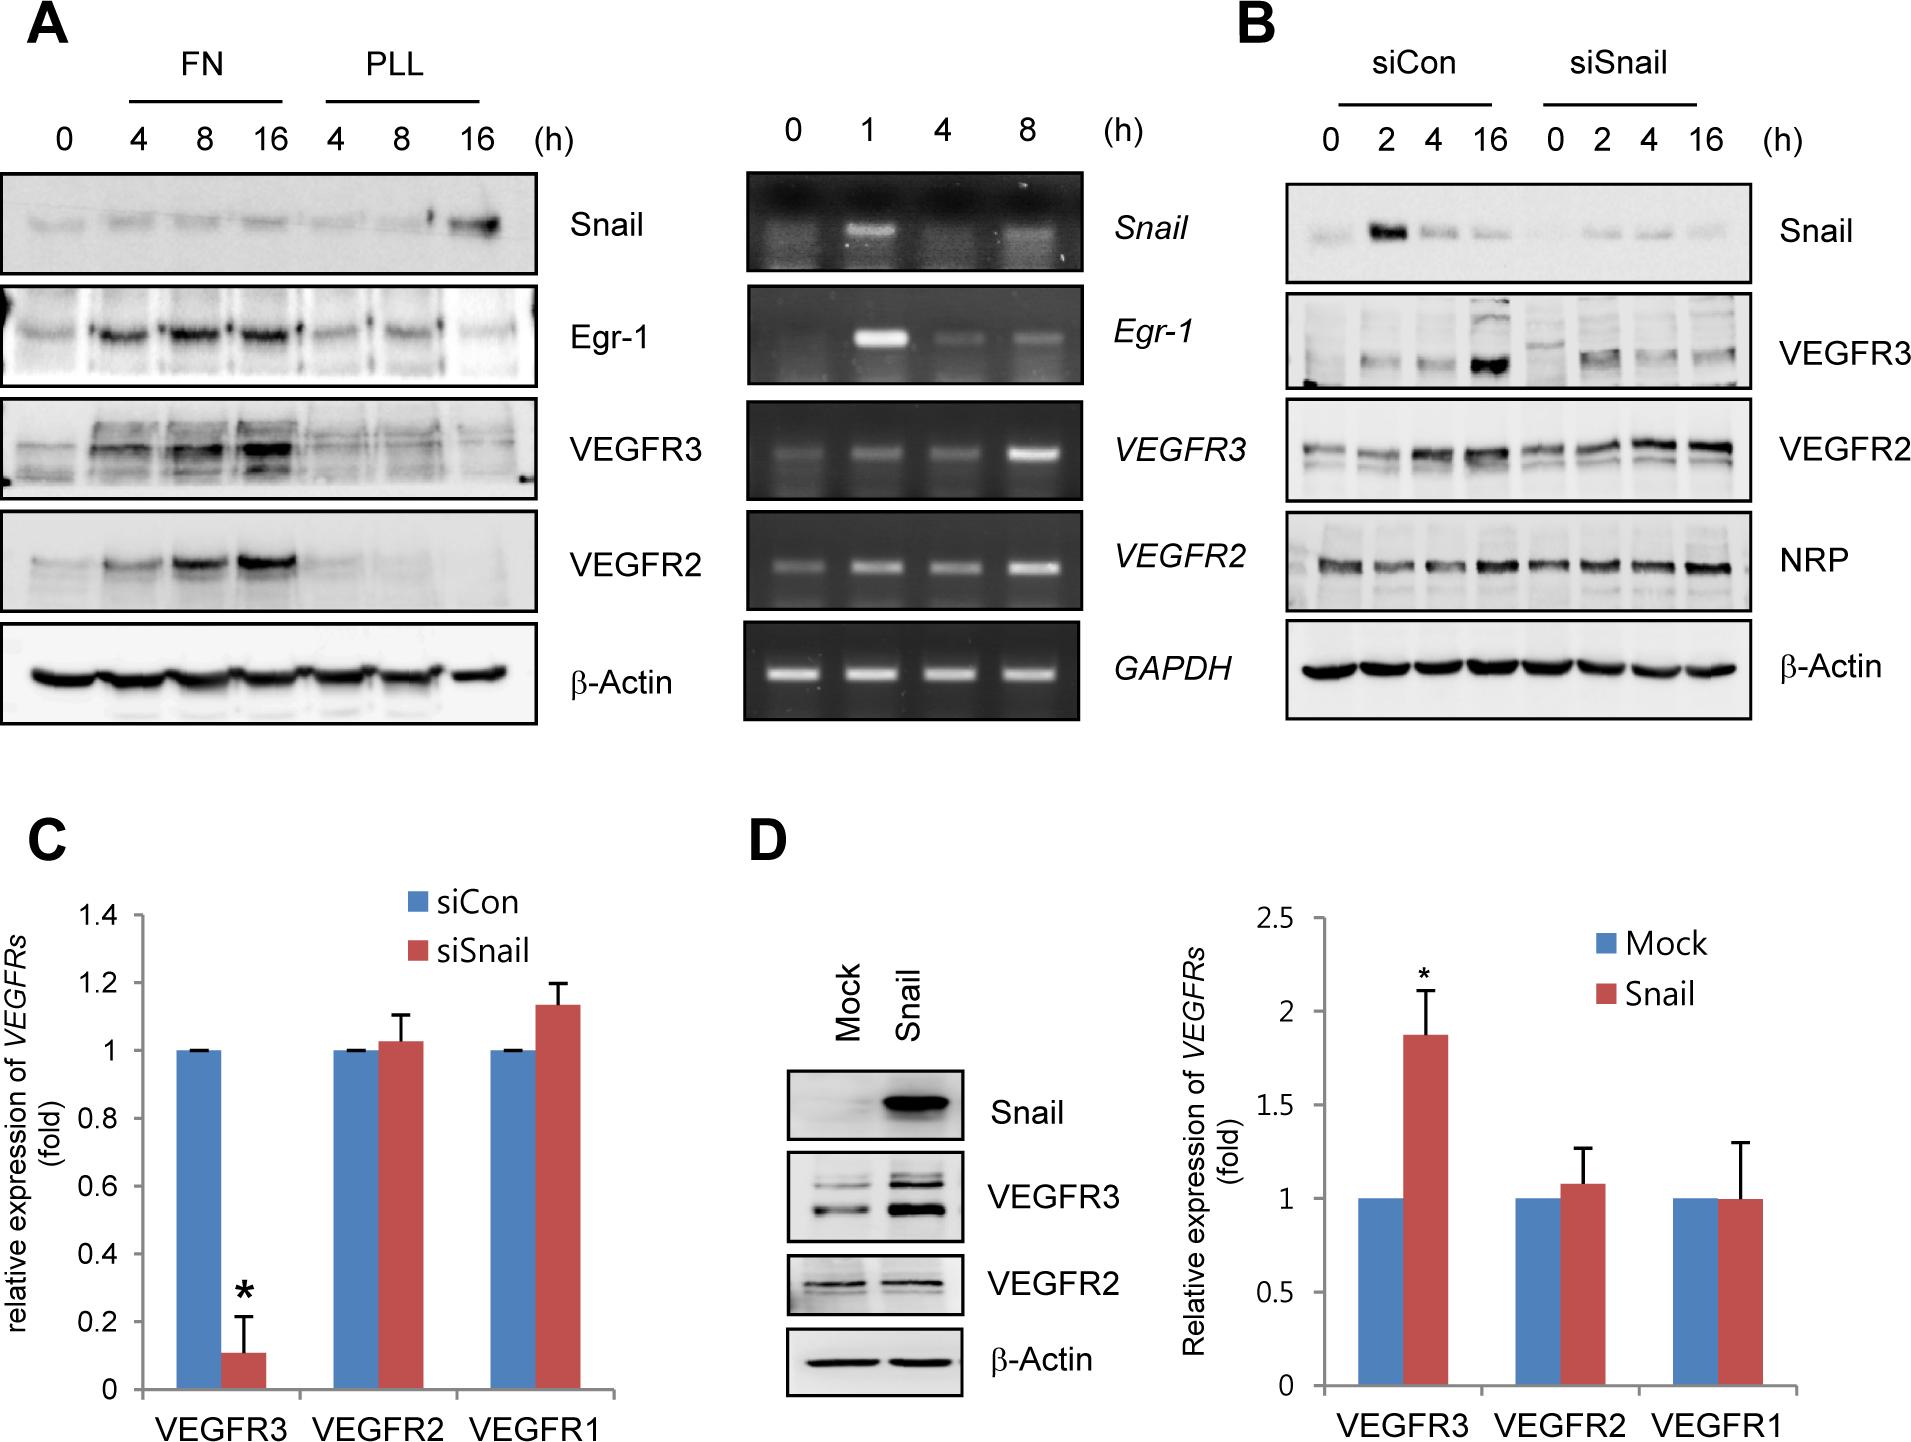 Snail upregulates VEGF receptor 3 (VEGFR3).